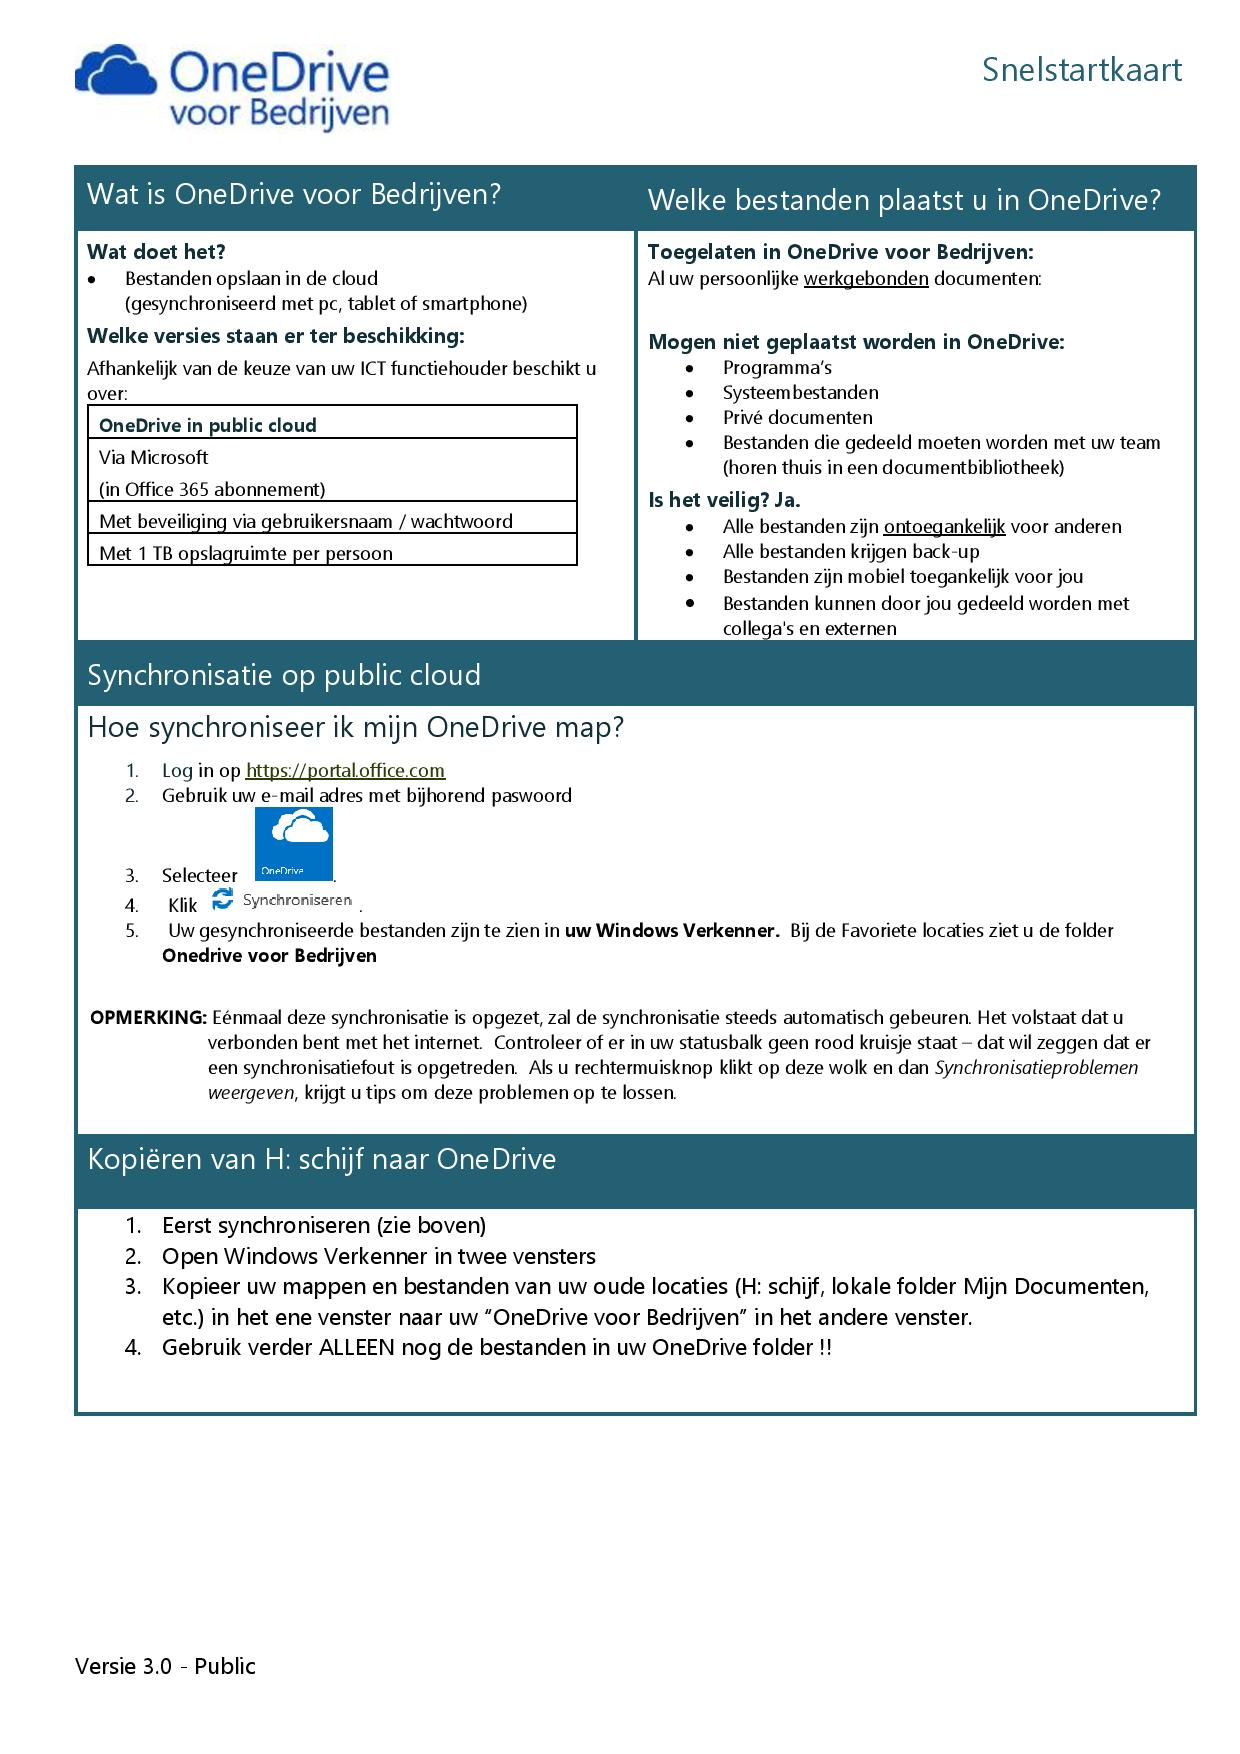 Snelstartkaart OneDrive Public - 1